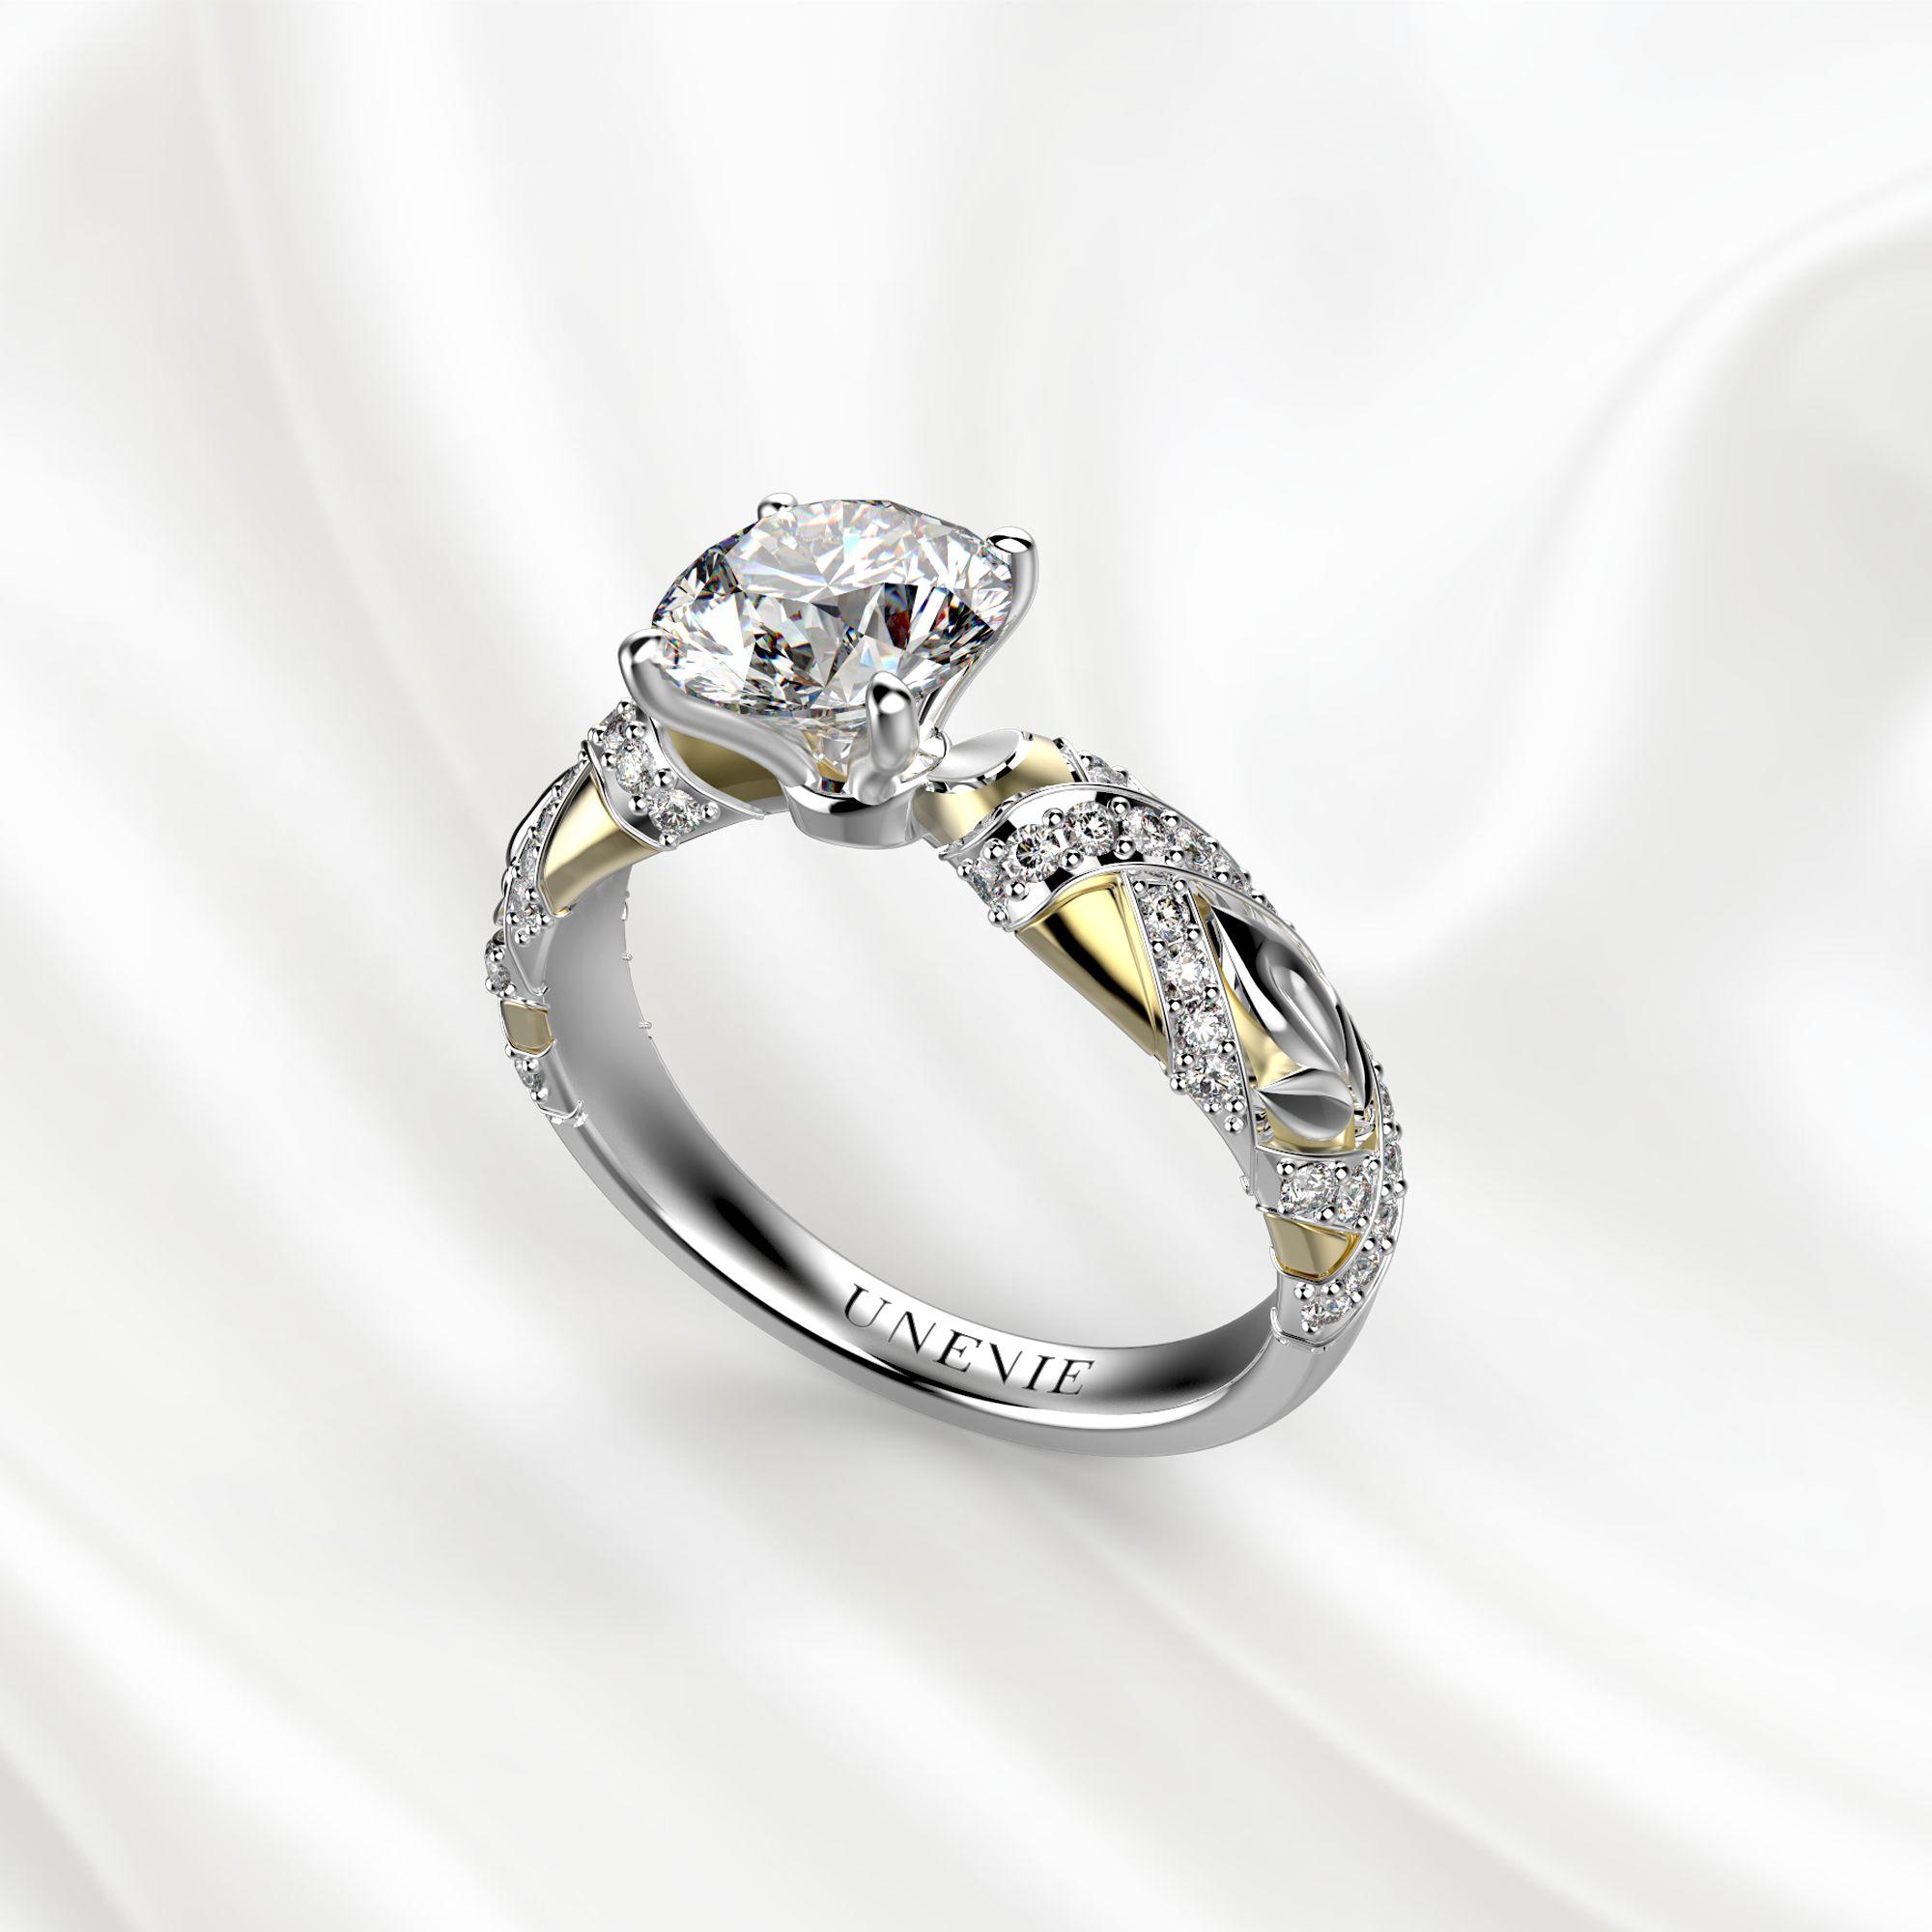 N17 Помолвочное кольцо из бело-желтого золота c 51 бриллиантом